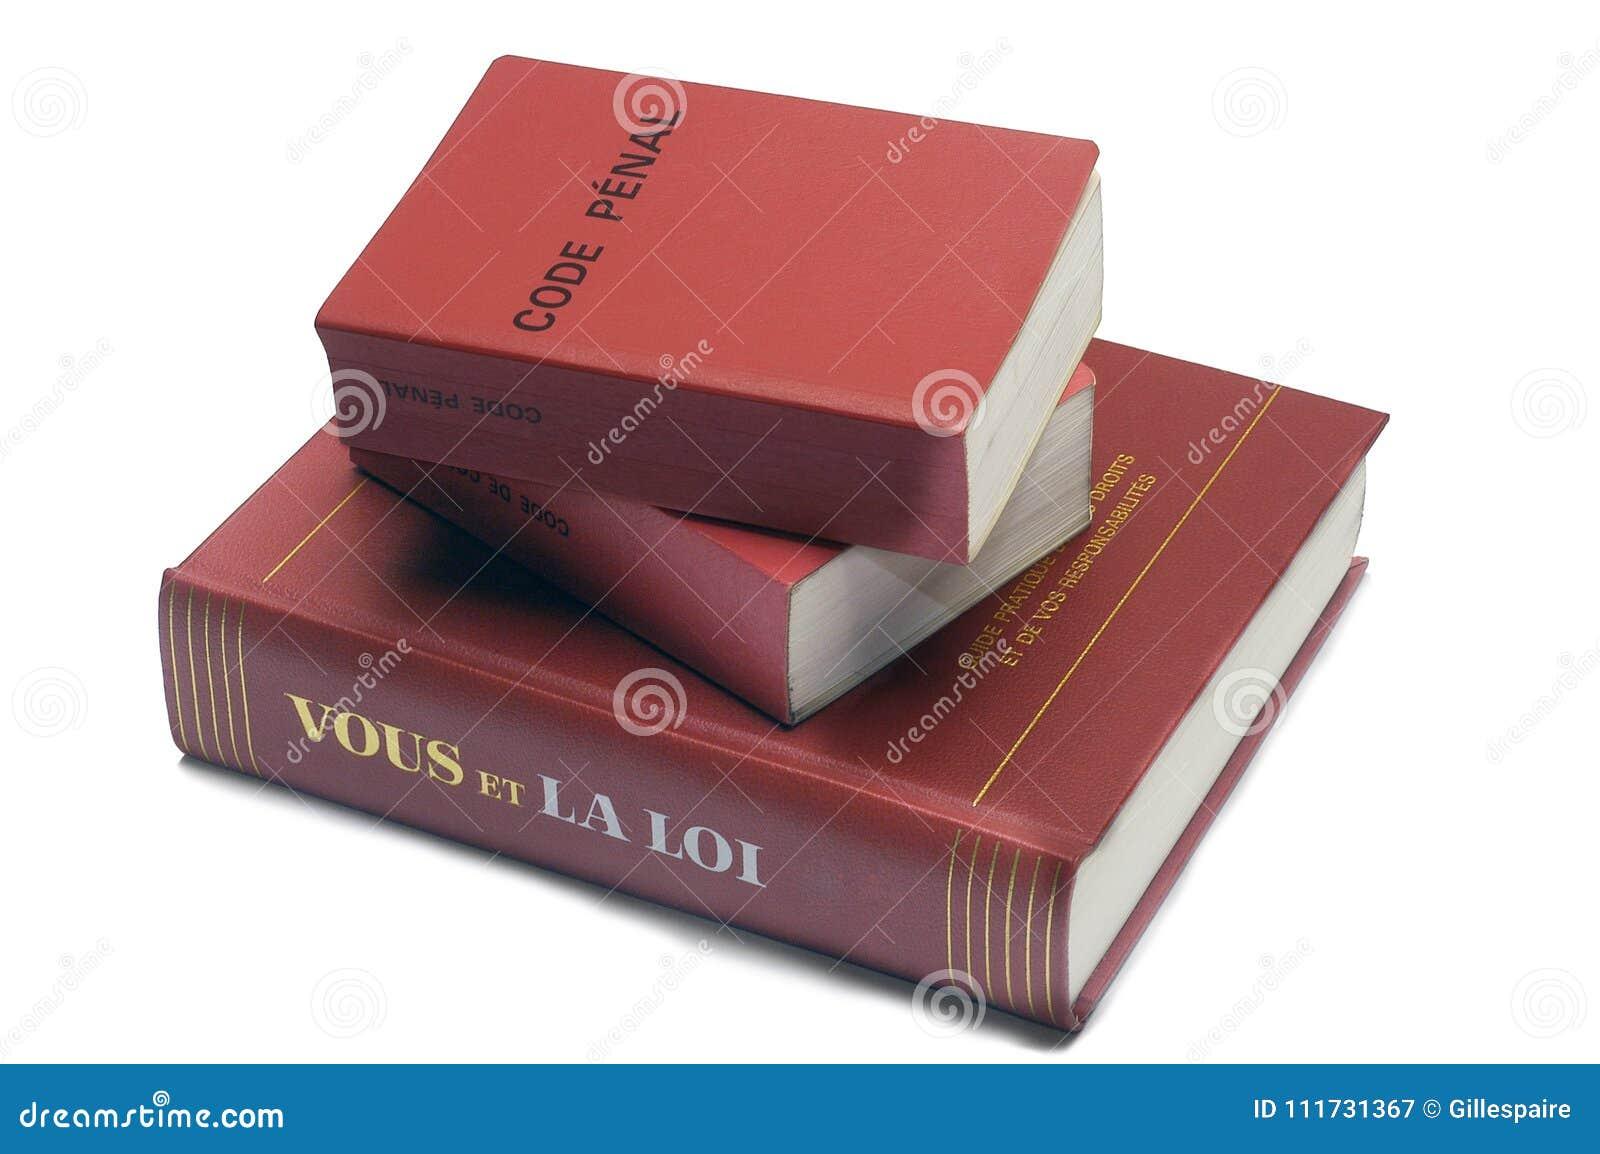 Legalne książki i Francuski kodeks karny